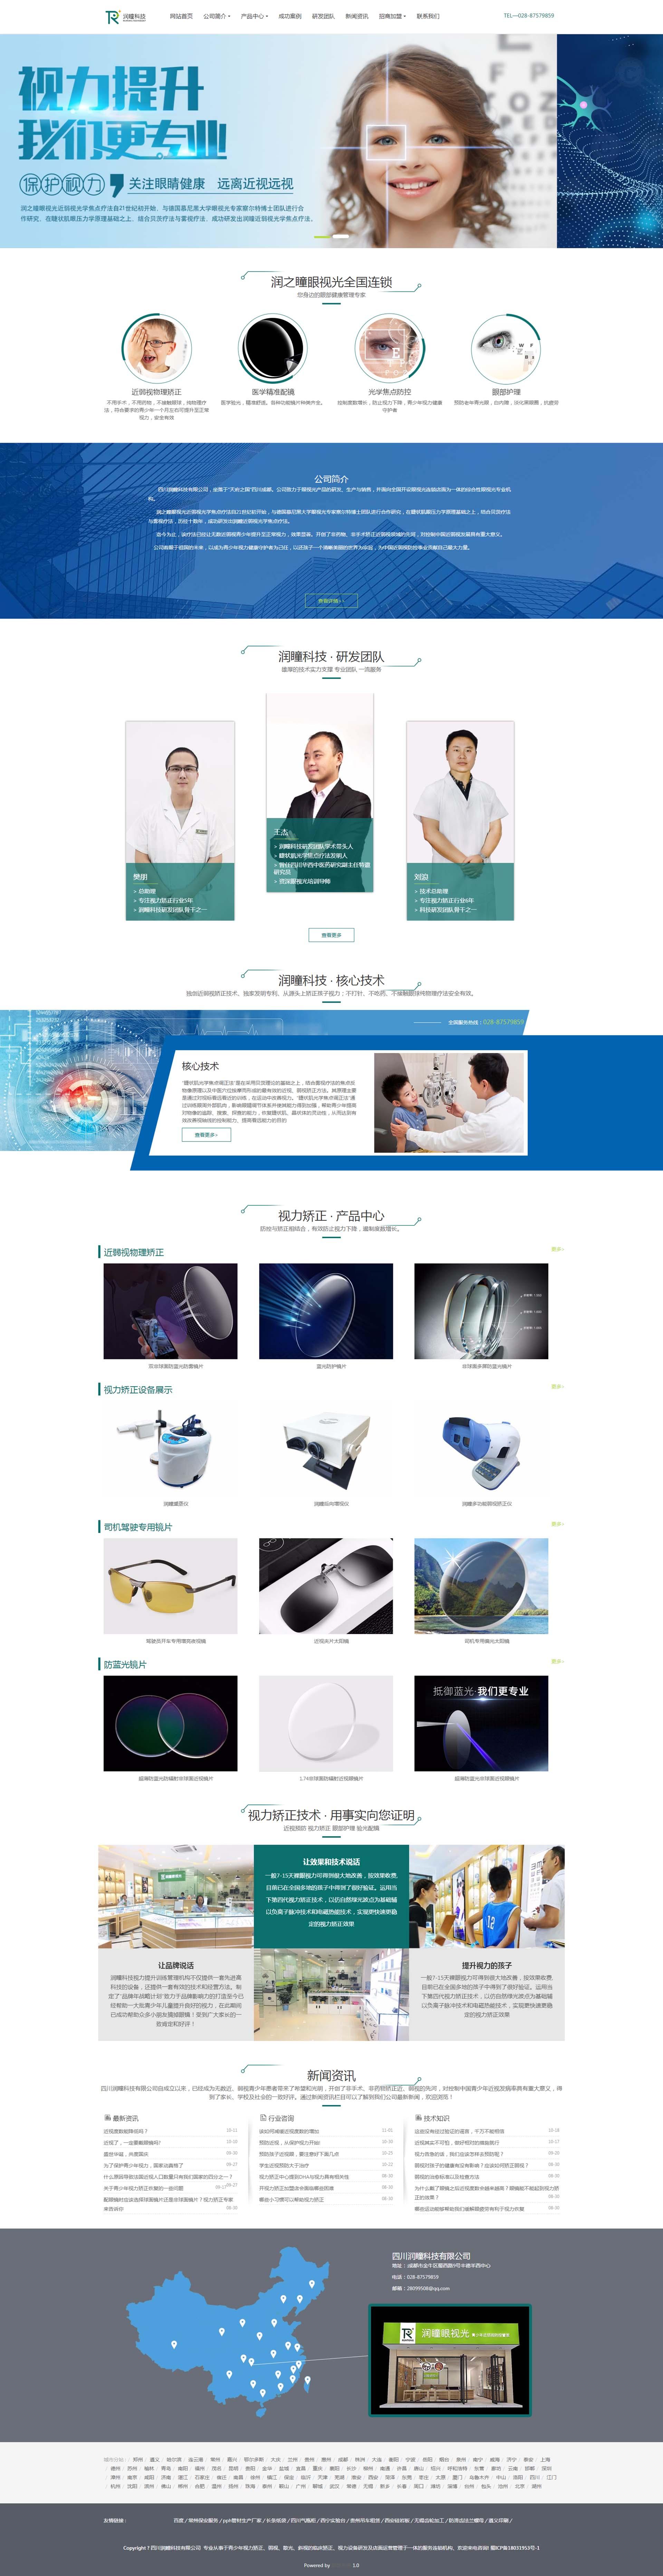 润瞳科技网站建设